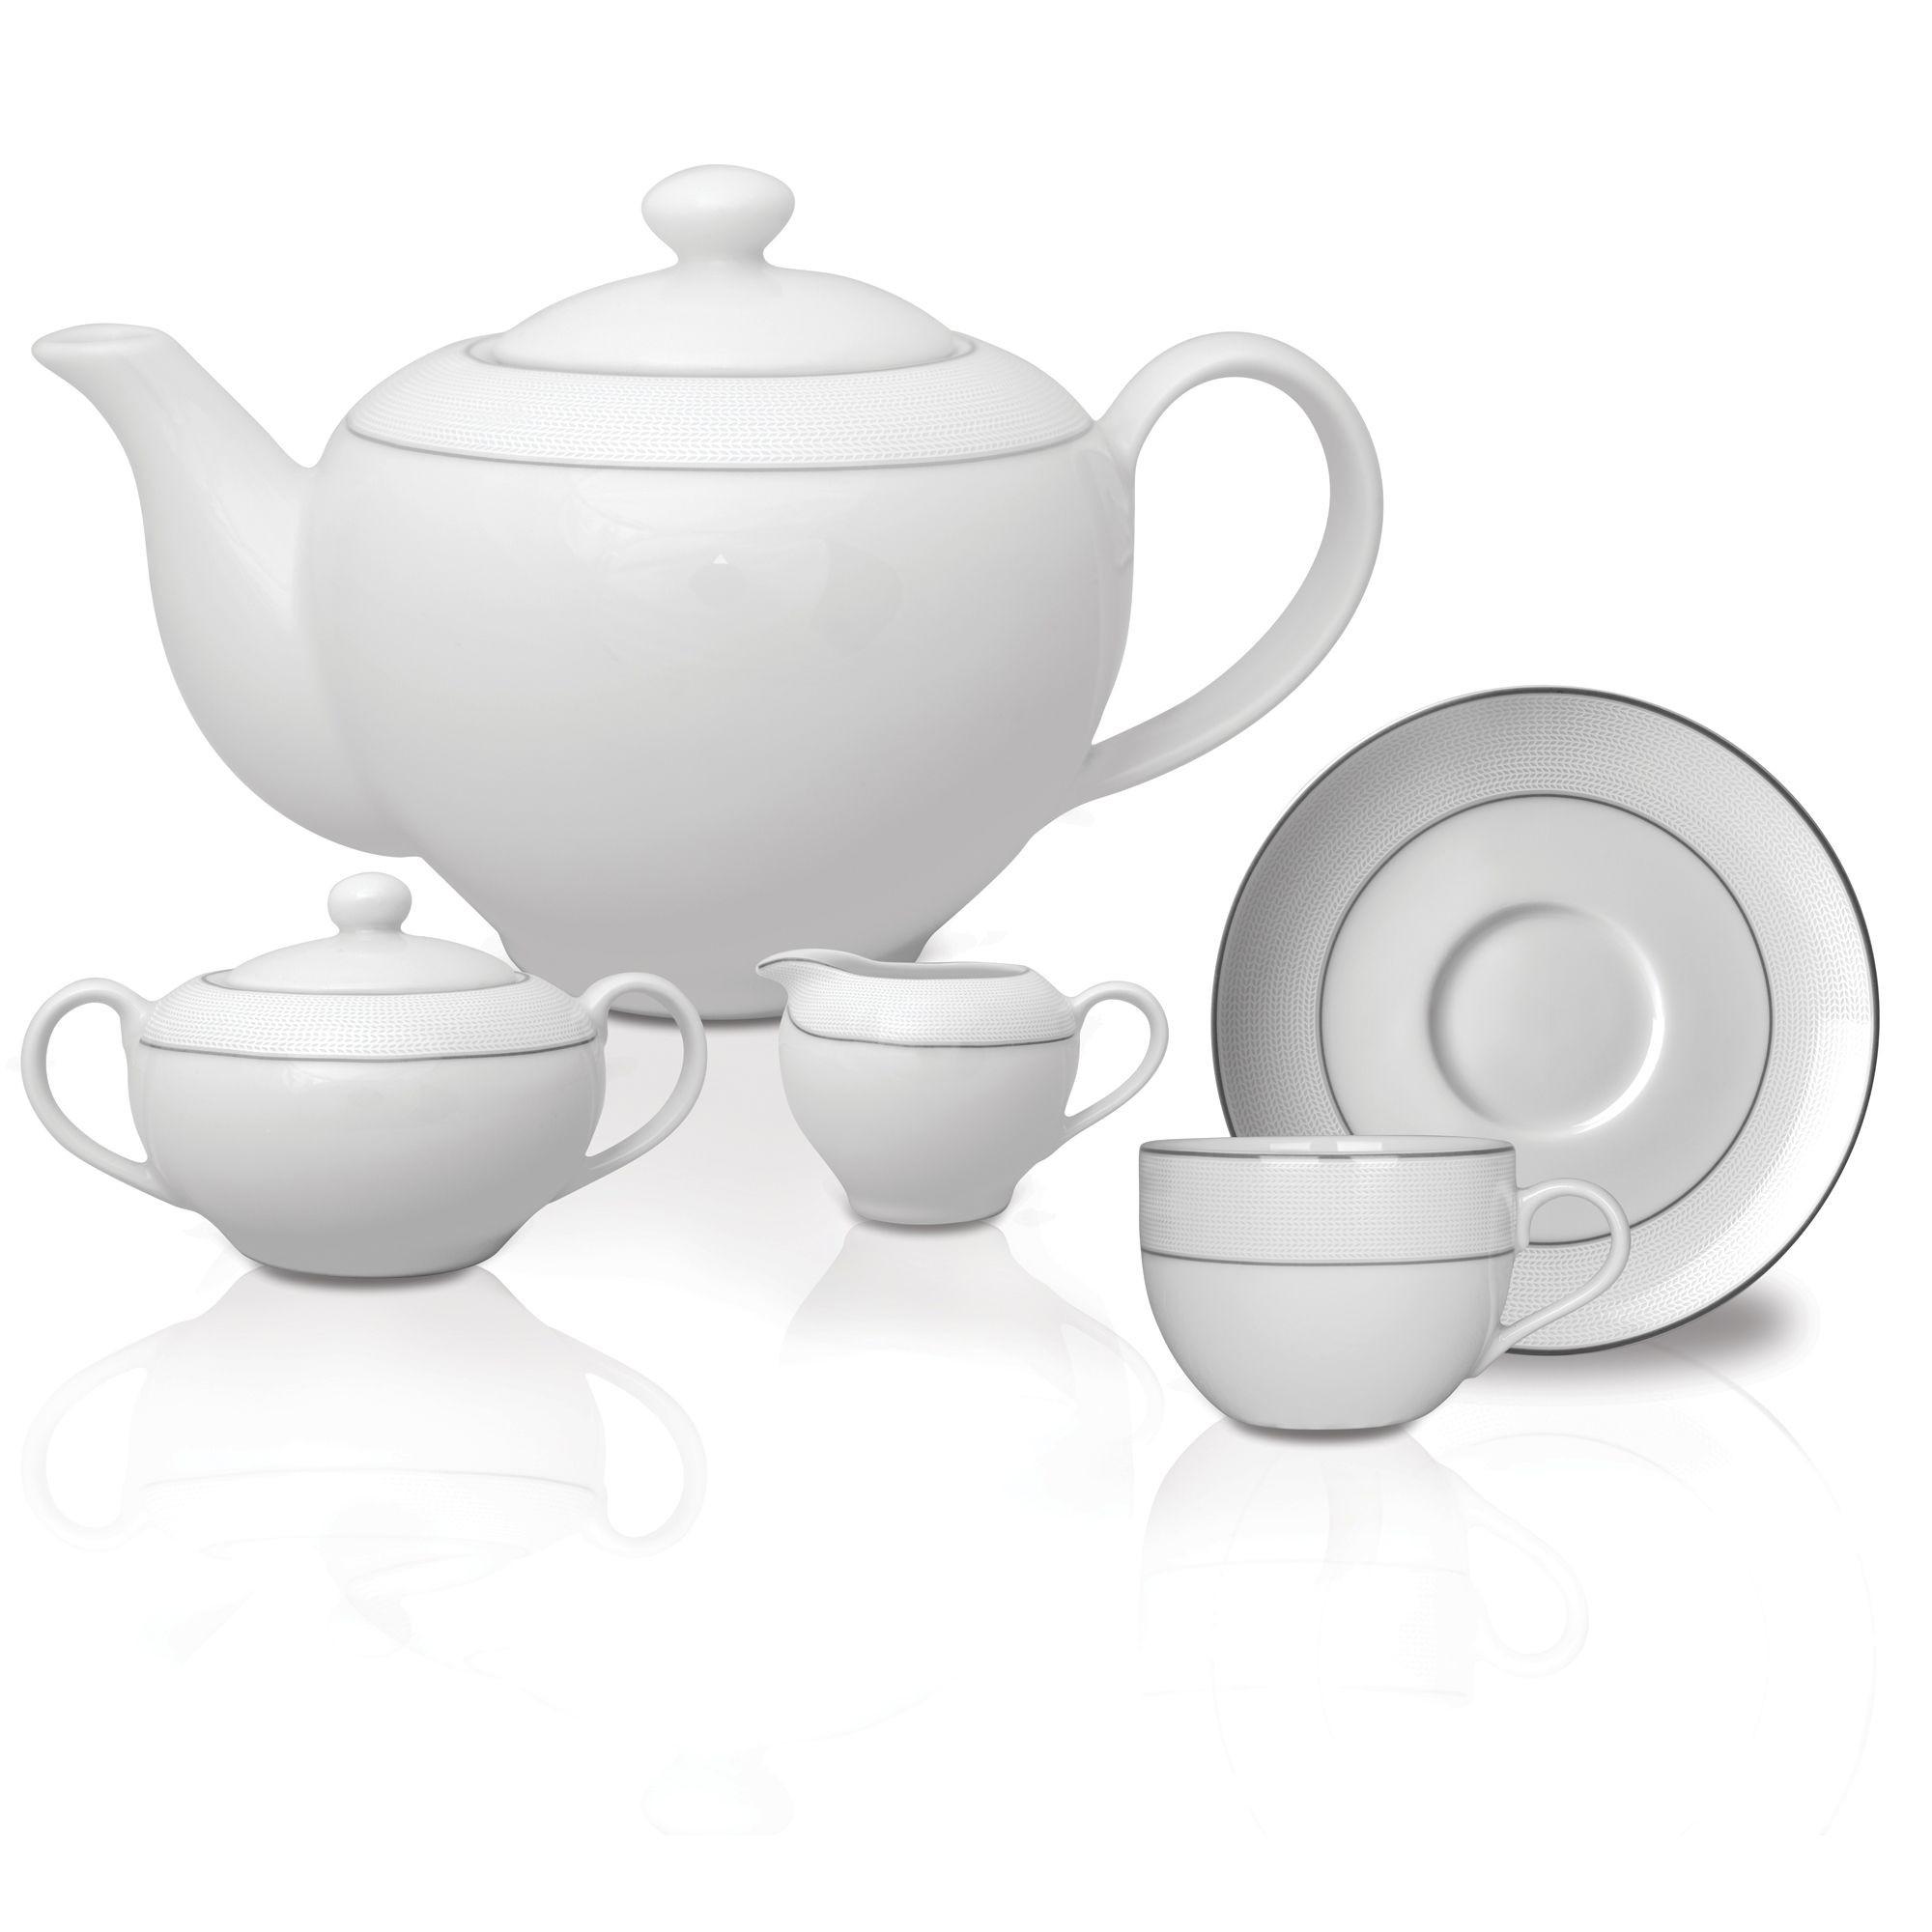 Σετ Τσαγιου Oreile 9τμχ. ionia home   ειδη cafe τσαϊ   κούπες   φλυτζάνια